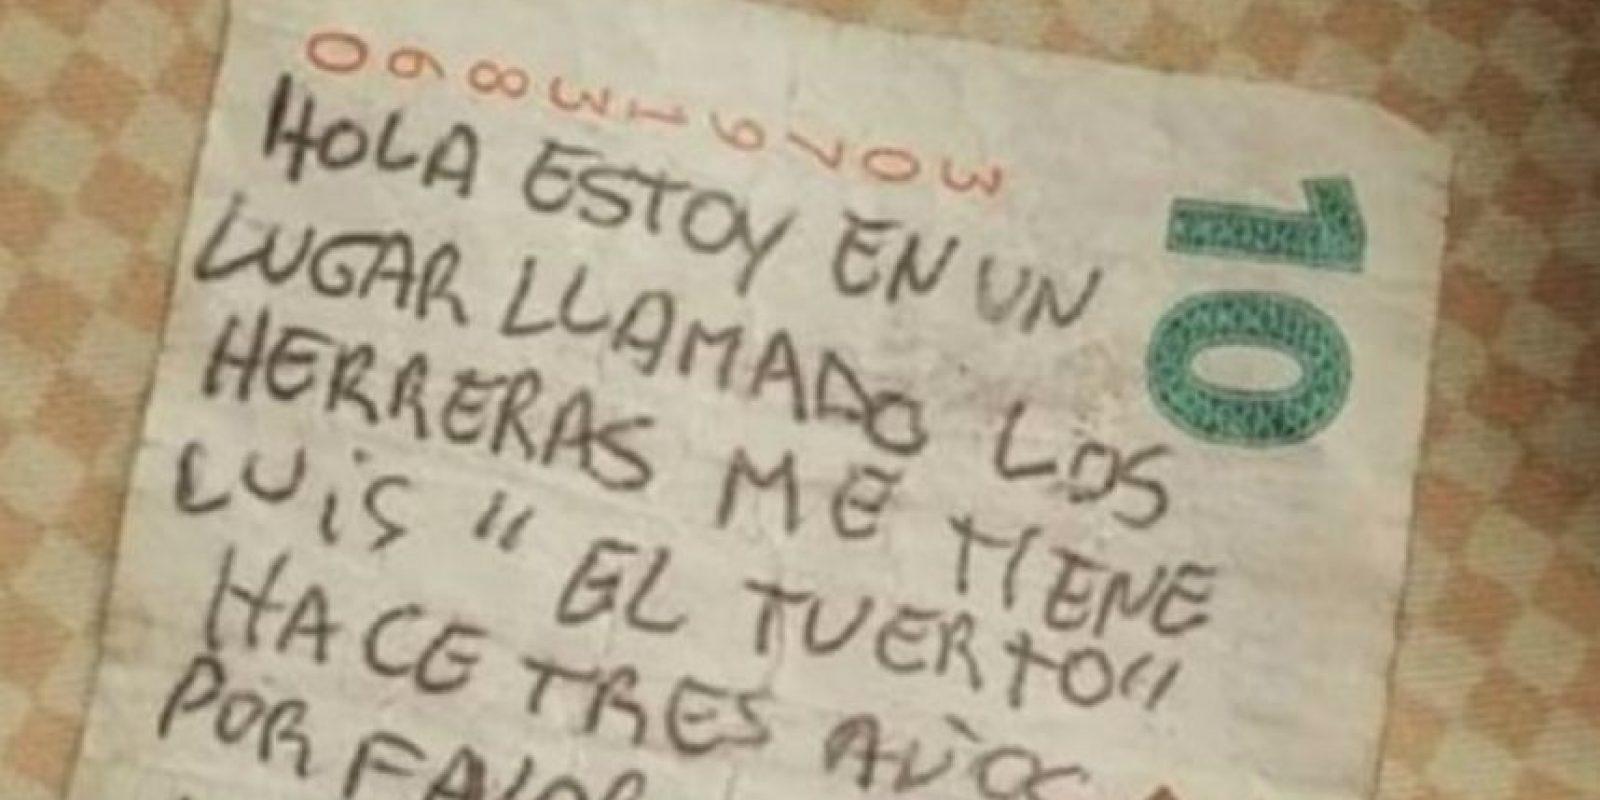 Este es el mensaje que escribieron en el billete. Foto:Vía Twitter